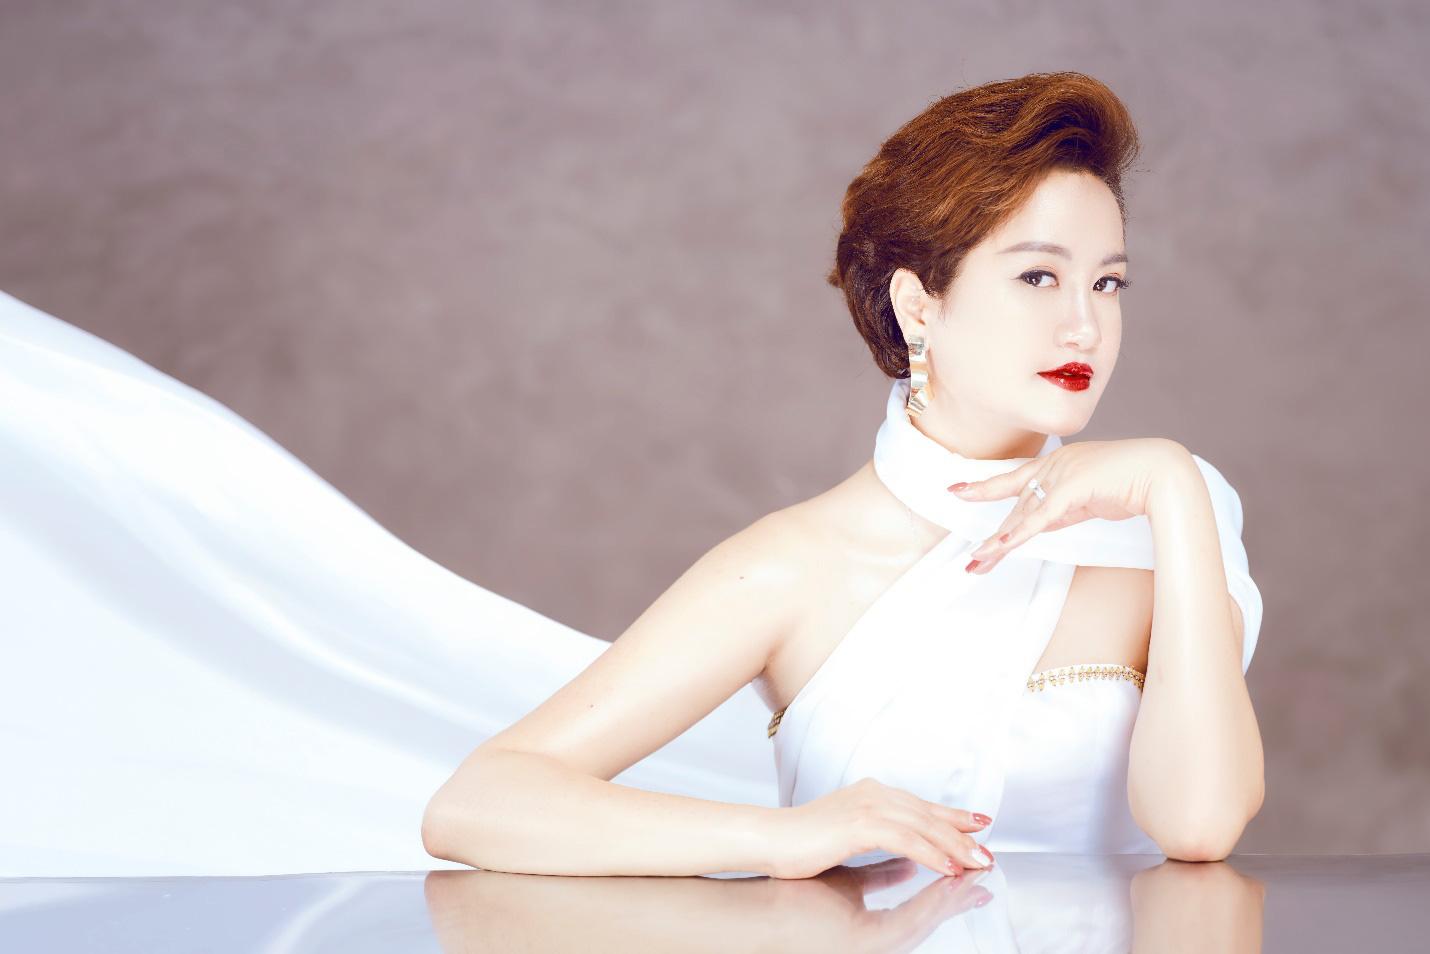 Nữ CEO đưa Hòa Bình Group trở thành tập đoàn mỹ phẩm và TPBVSK uy tín - Ảnh 1.